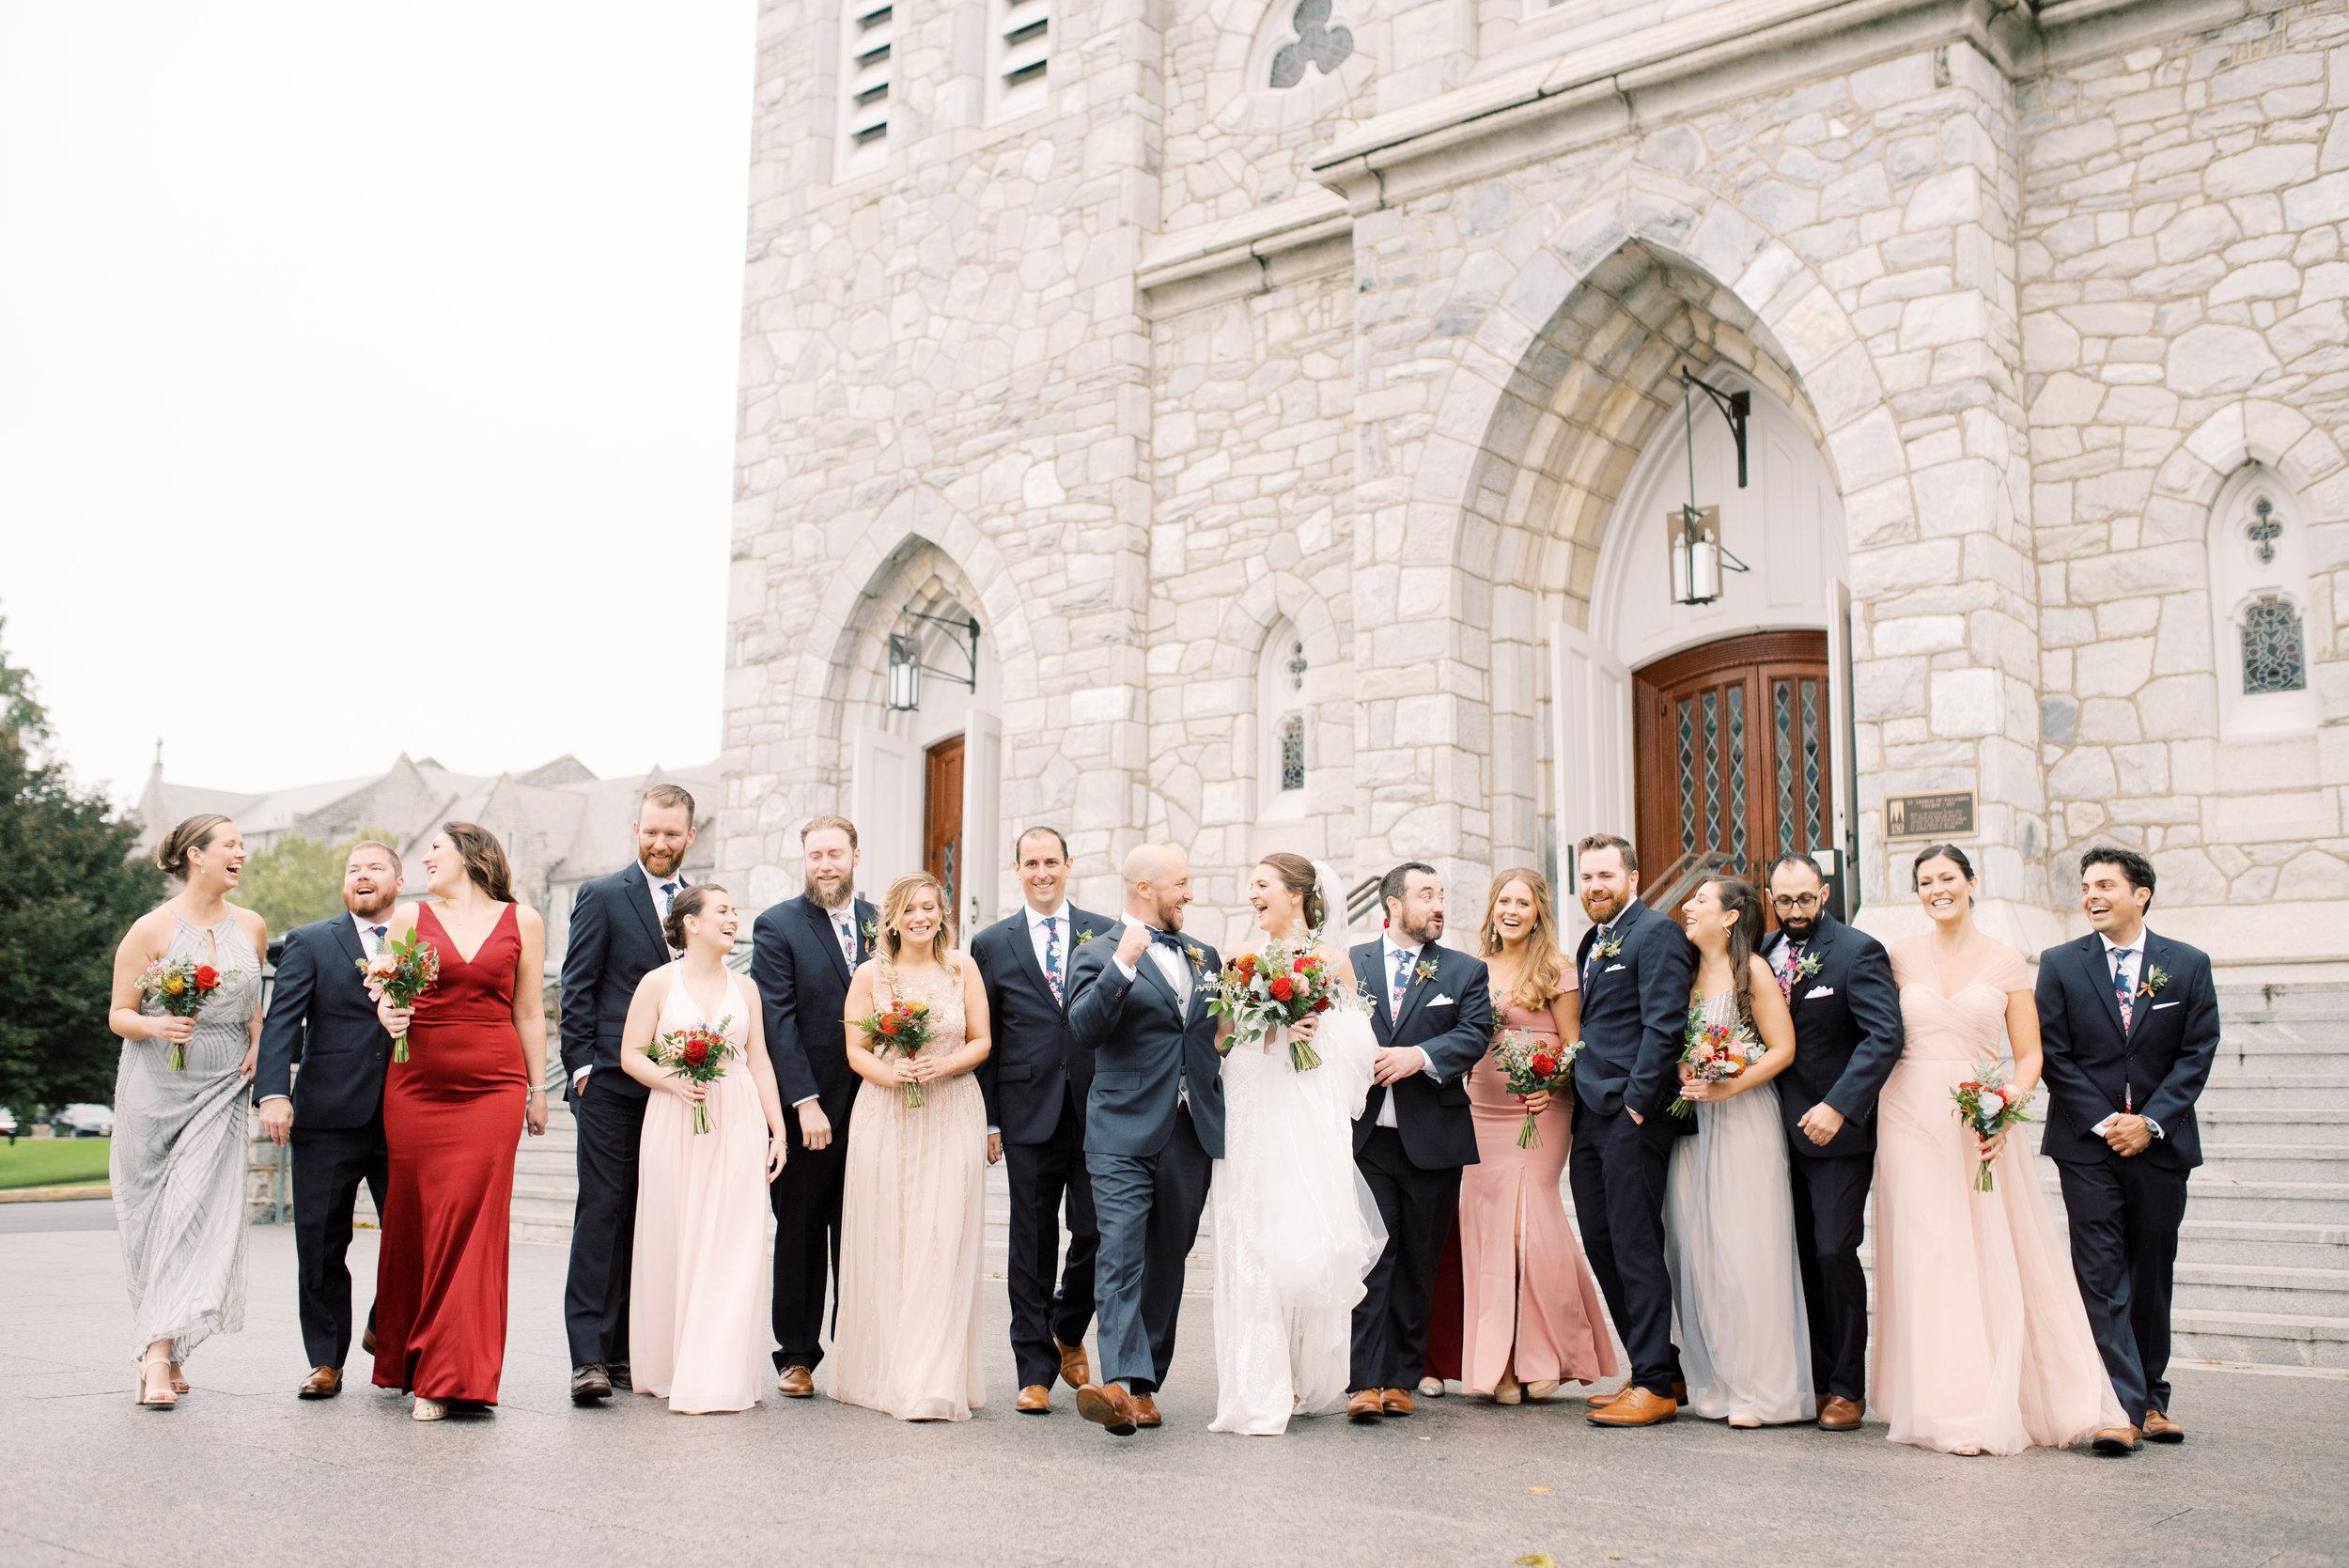 gorman-bullock-wedding-366.jpg